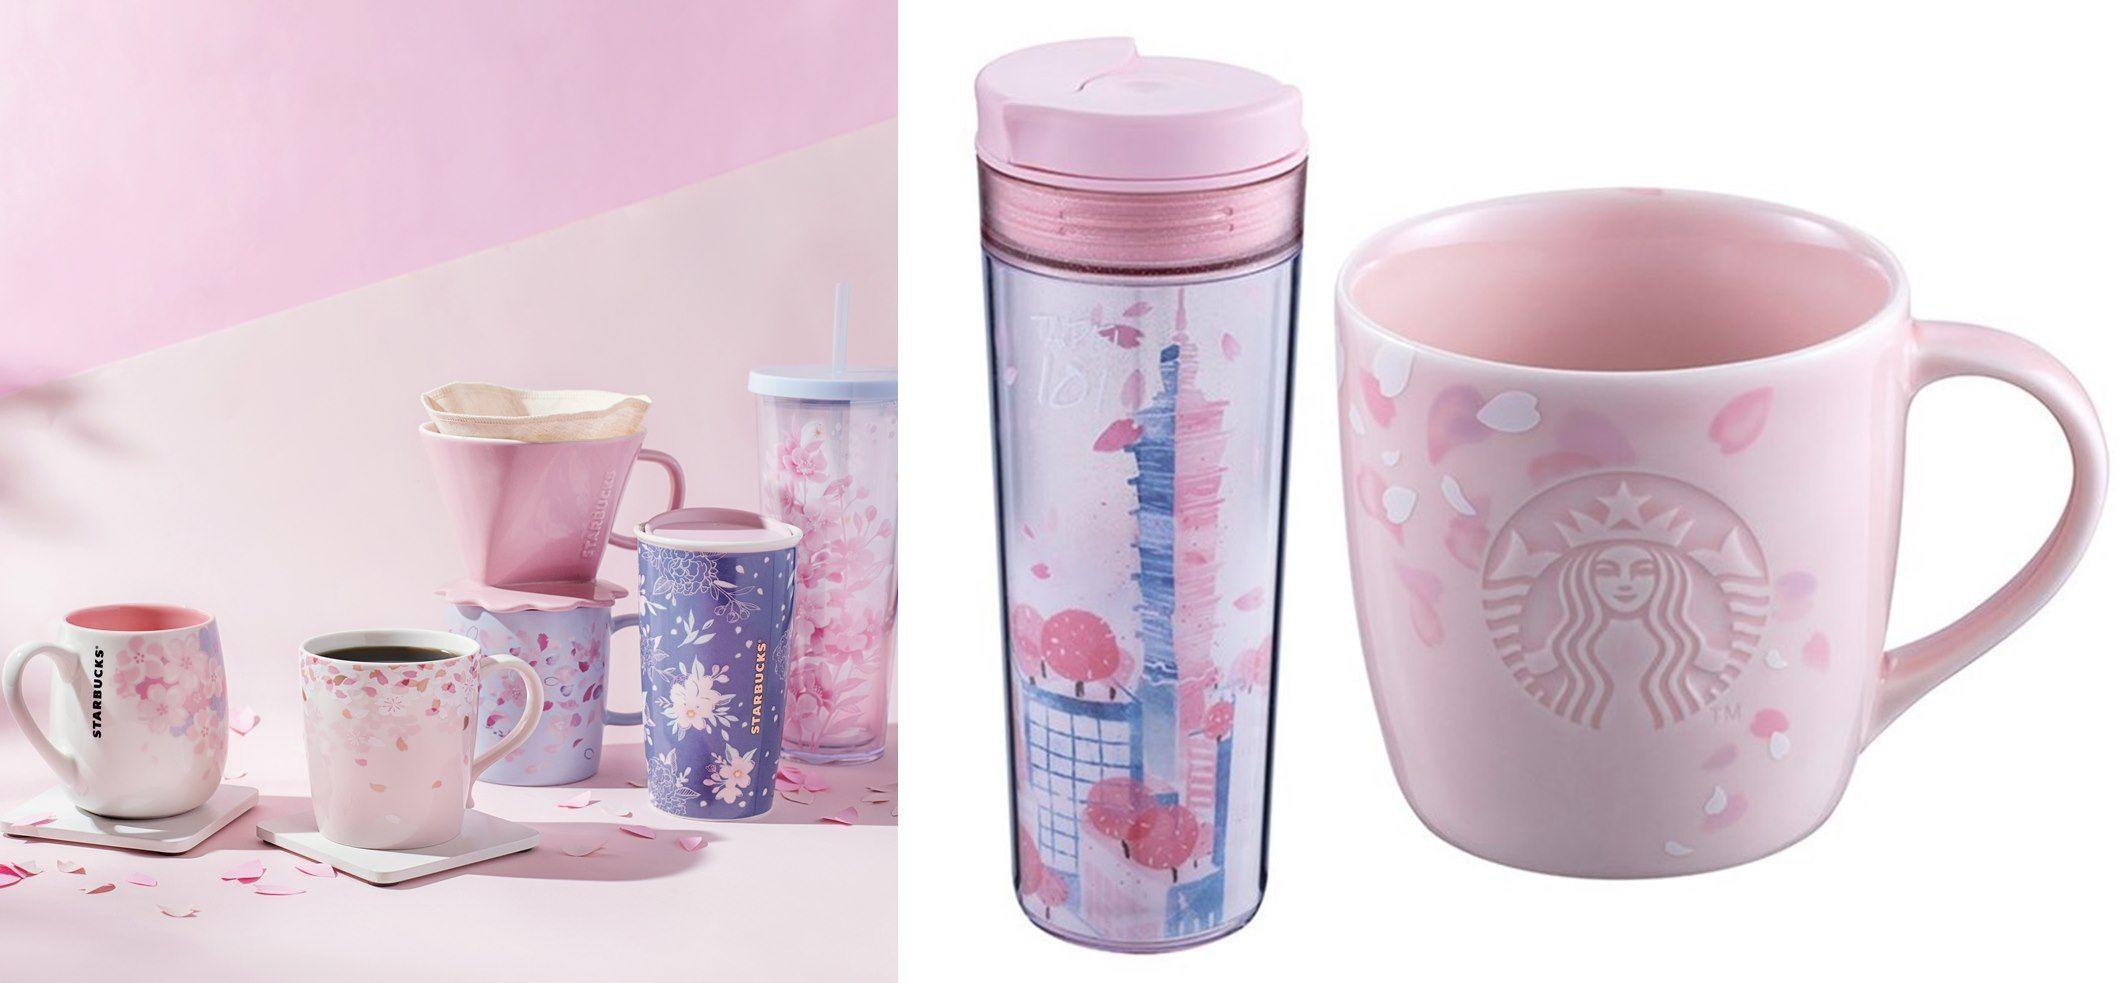 星巴克 春日限定櫻花杯 台北限定發售 櫻花包裝草莓布丁 咖啡新品上市搶先看